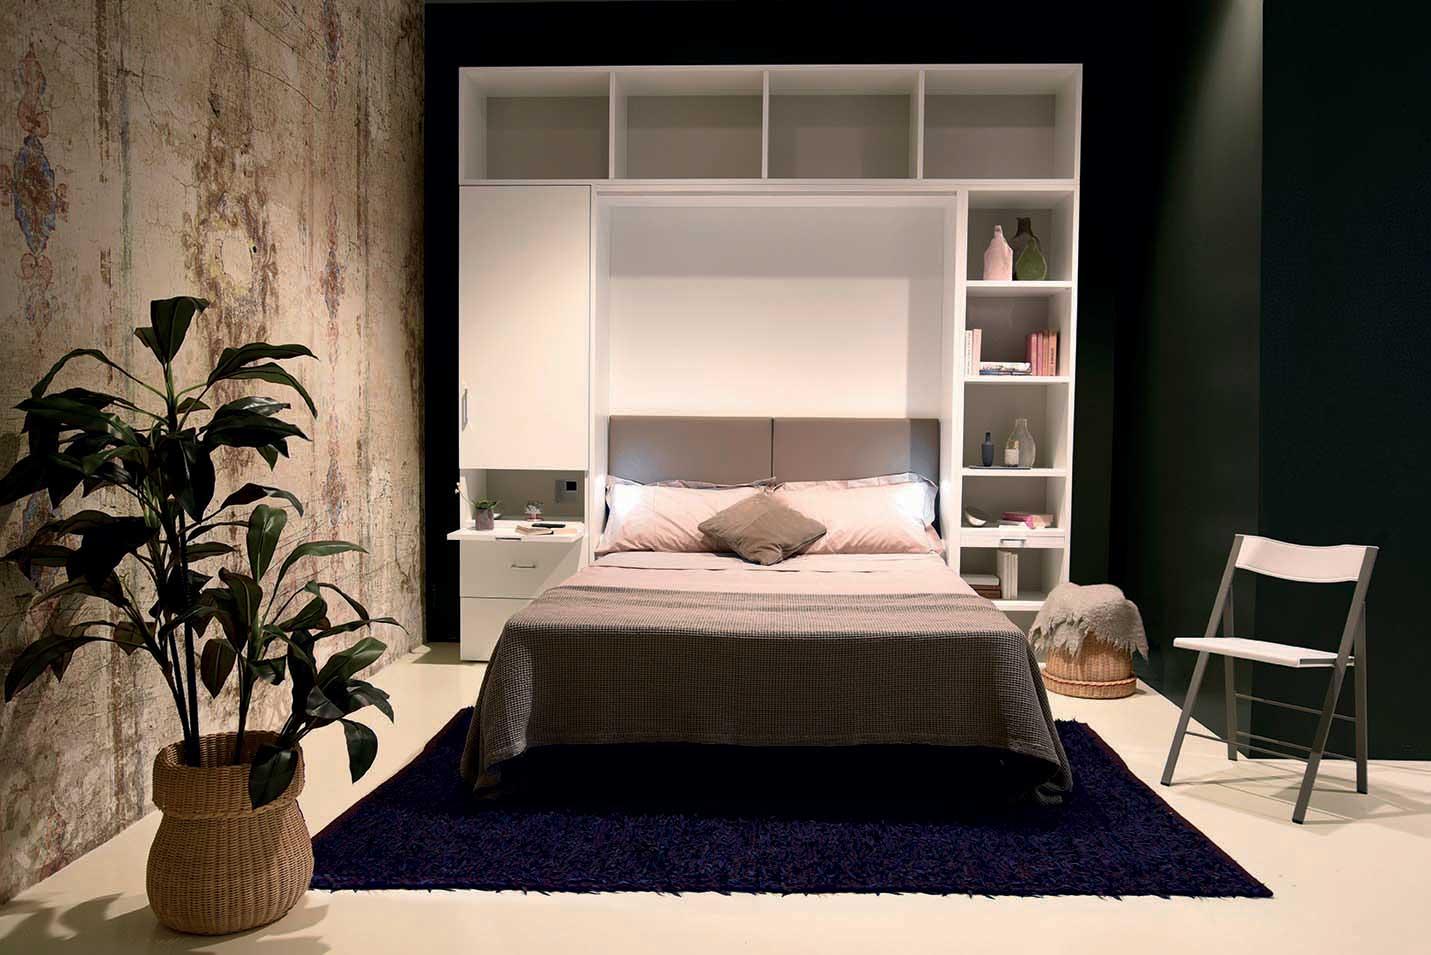 Mobile Ponte Camera Da Letto camere da letto moderne e classiche, arredamenti genova| elce